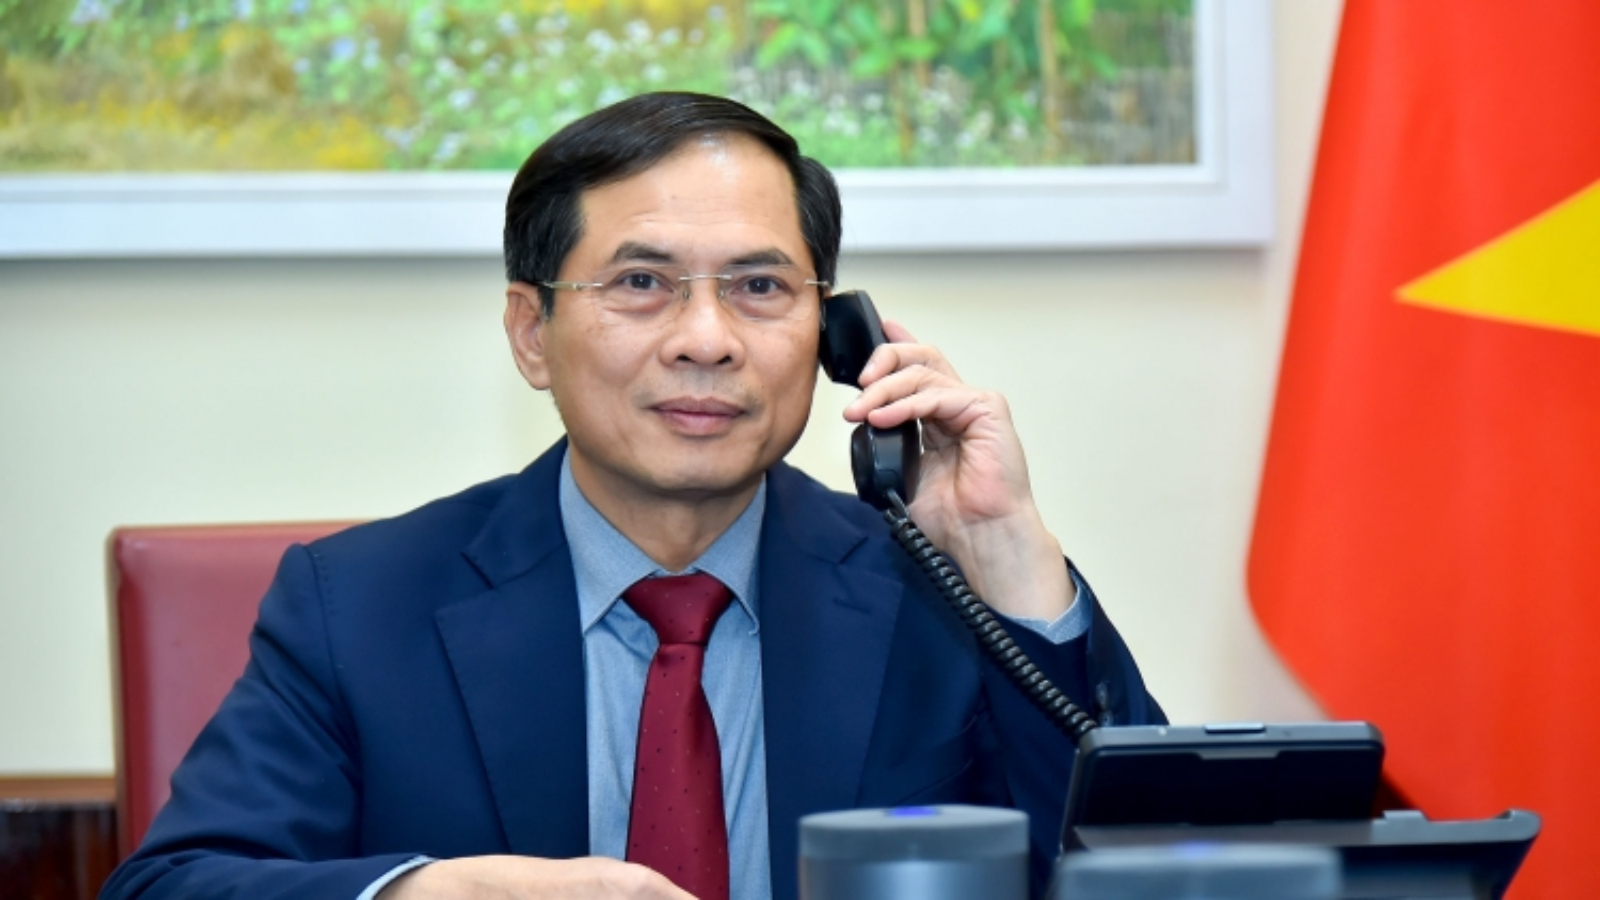 Hợp tác chặt chẽ để thúc đẩy quan hệ Đối tác toàn diện Việt Nam - Hoa Kỳ